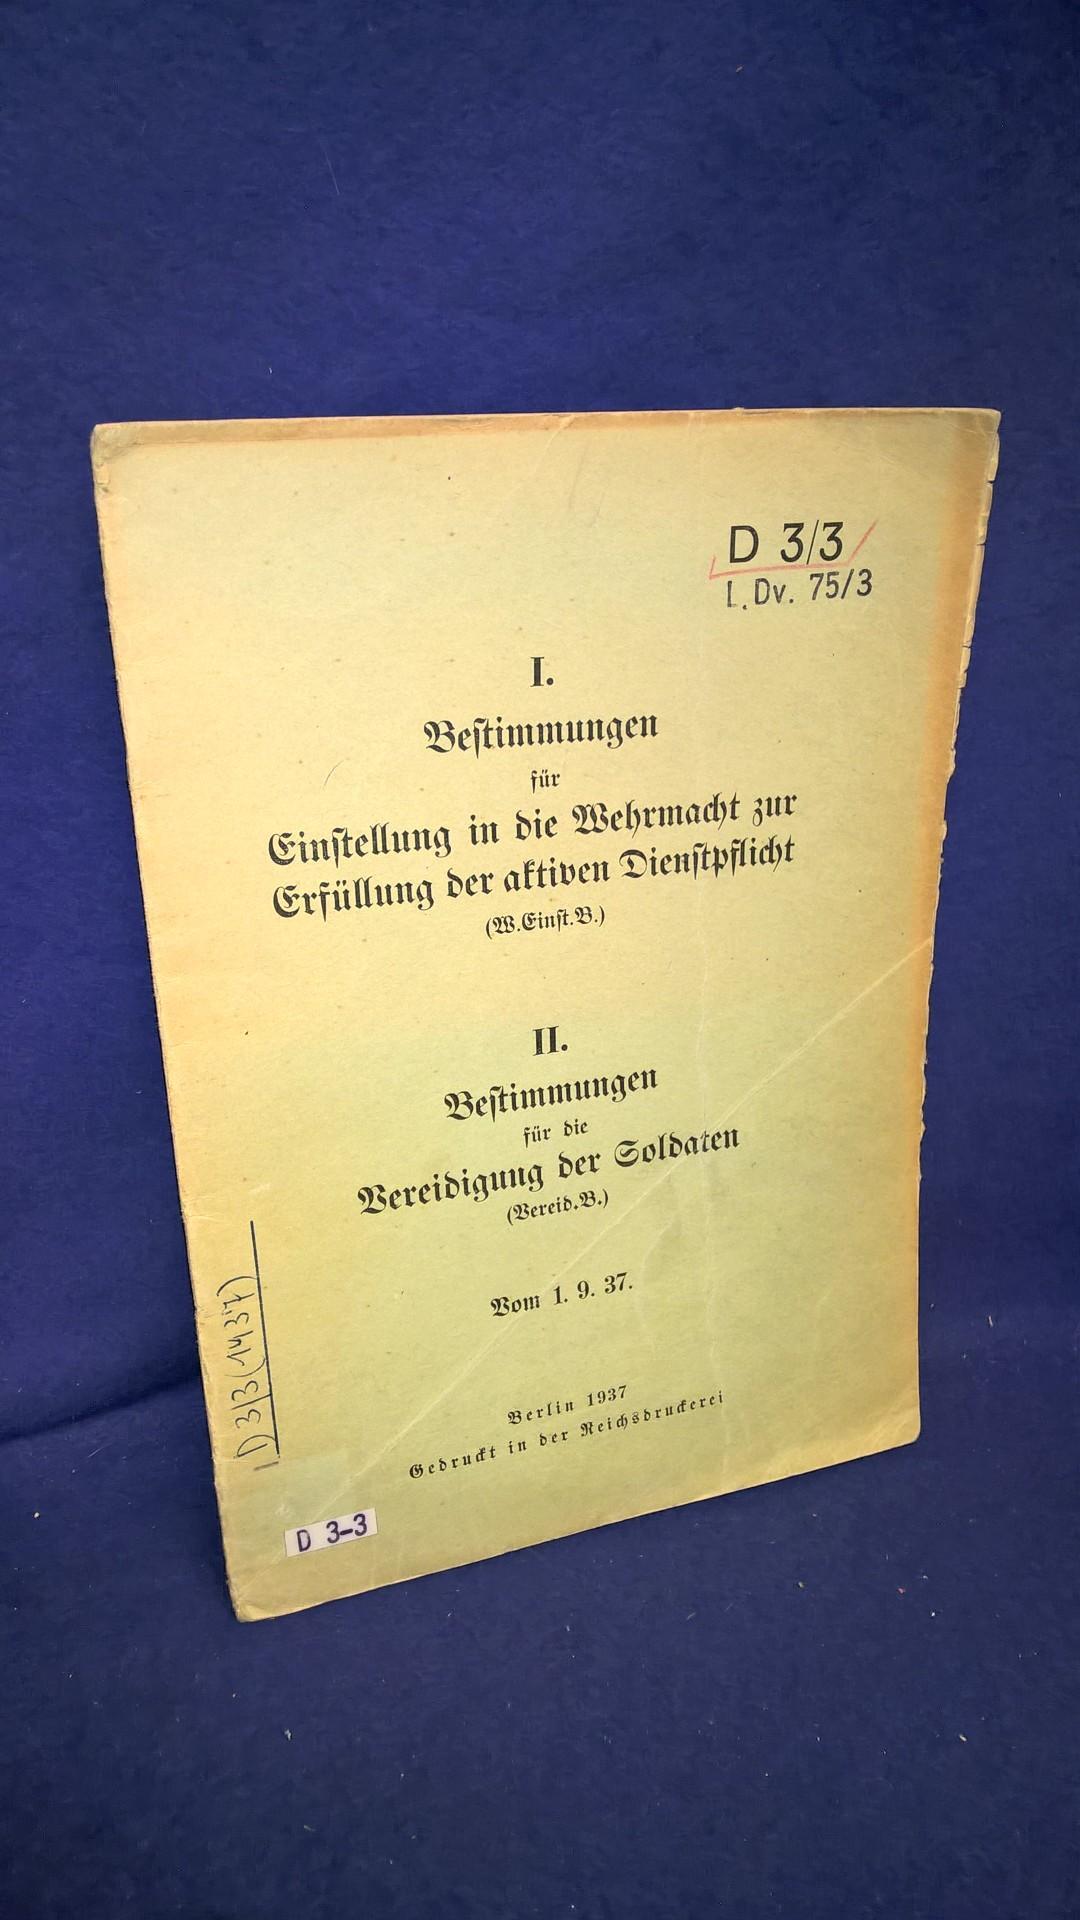 D 3/3. I.Bestimmungen für Einstellung in die Wehrmacht zur Erfüllung der aktiven Dienstzeit. II. Bestimmungen für die Vereidigung der Soldaten.